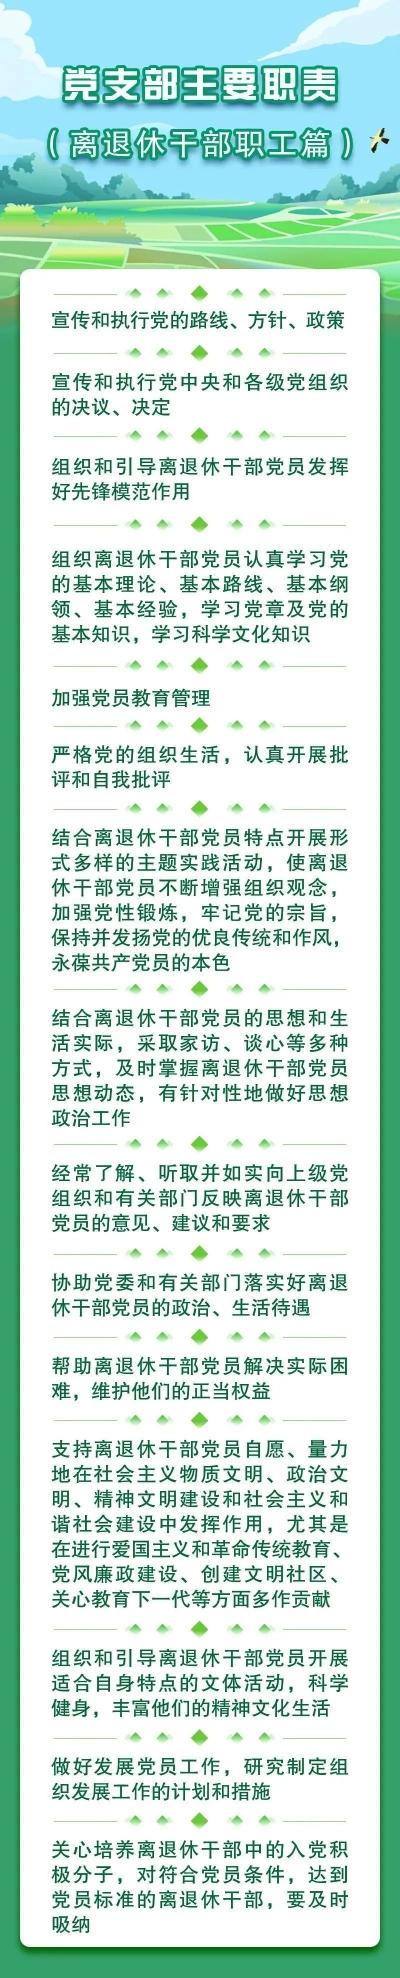 党务小课堂   党支部主要职责(离退休干部职工篇)